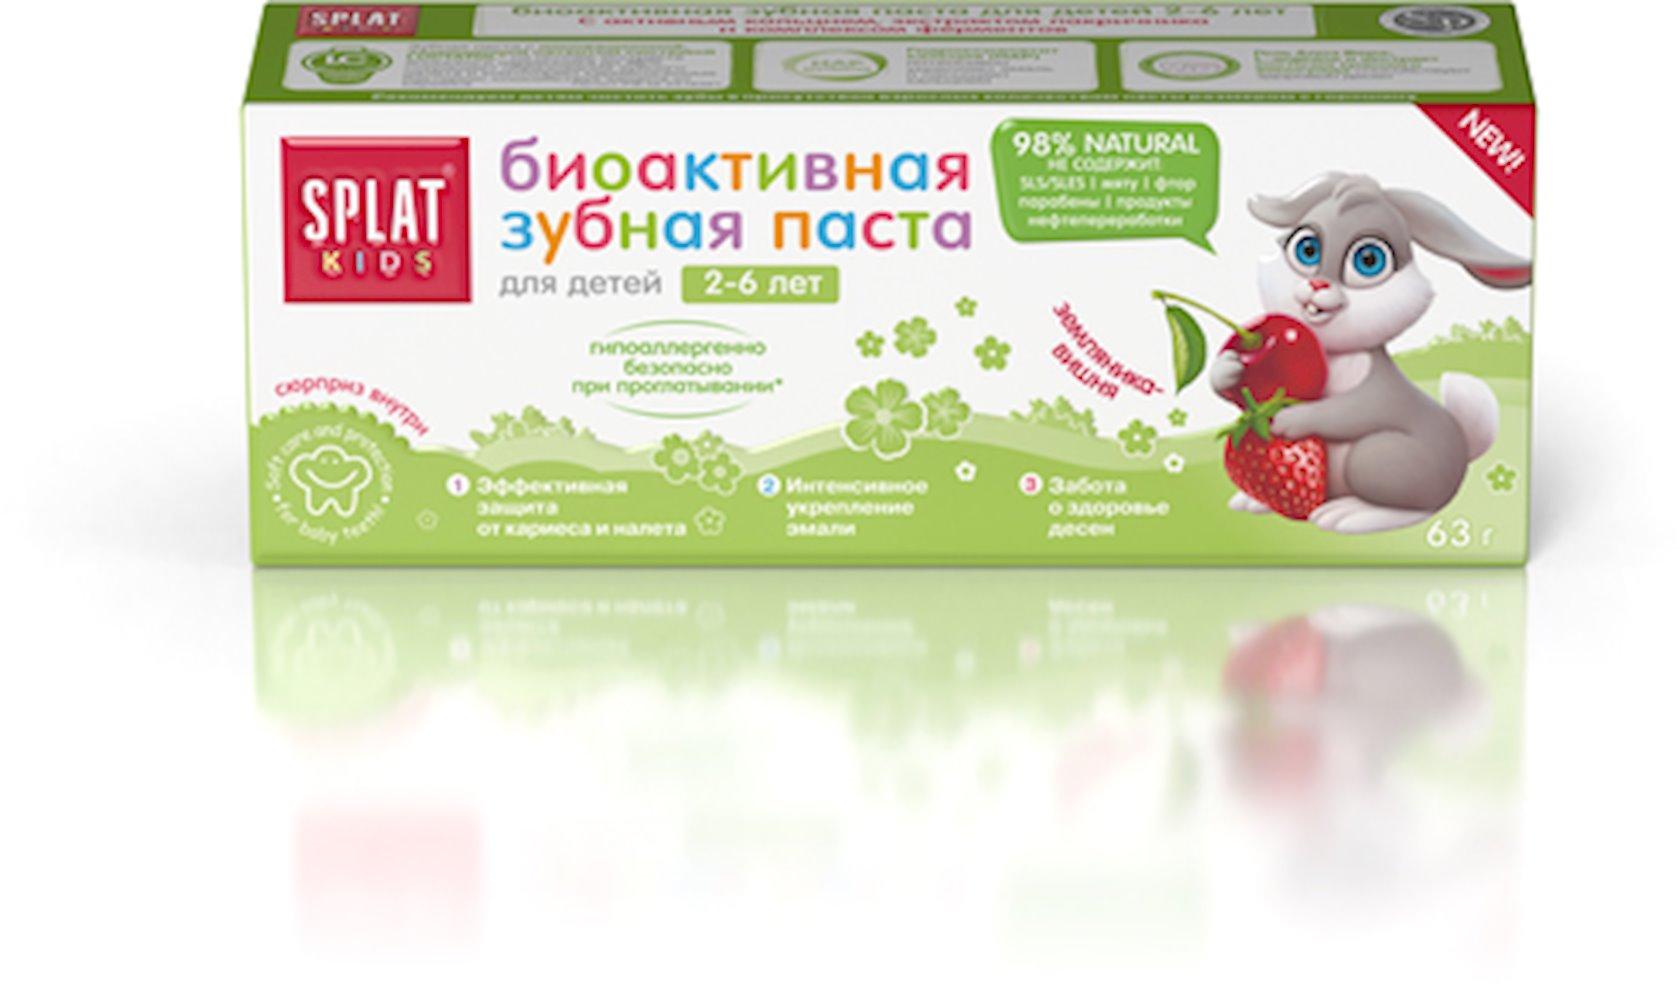 Diş pastası uşaqlar üçün Splat Kids Antibakterial təbii çiyələk-albalı 2 yaşdan 6 yaşına qədər, 50ml